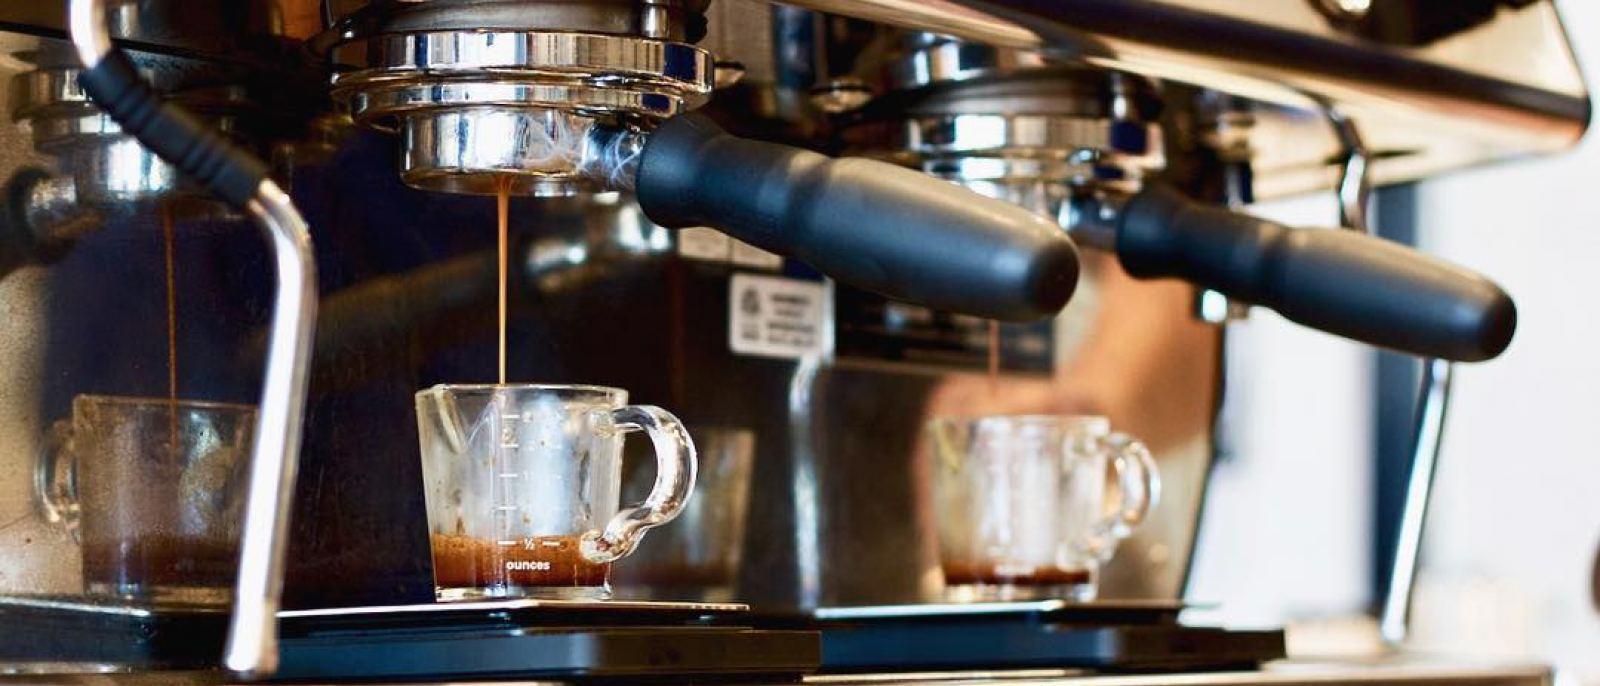 Espresso Machine at Tactile Coffee in Historic Filipinotown